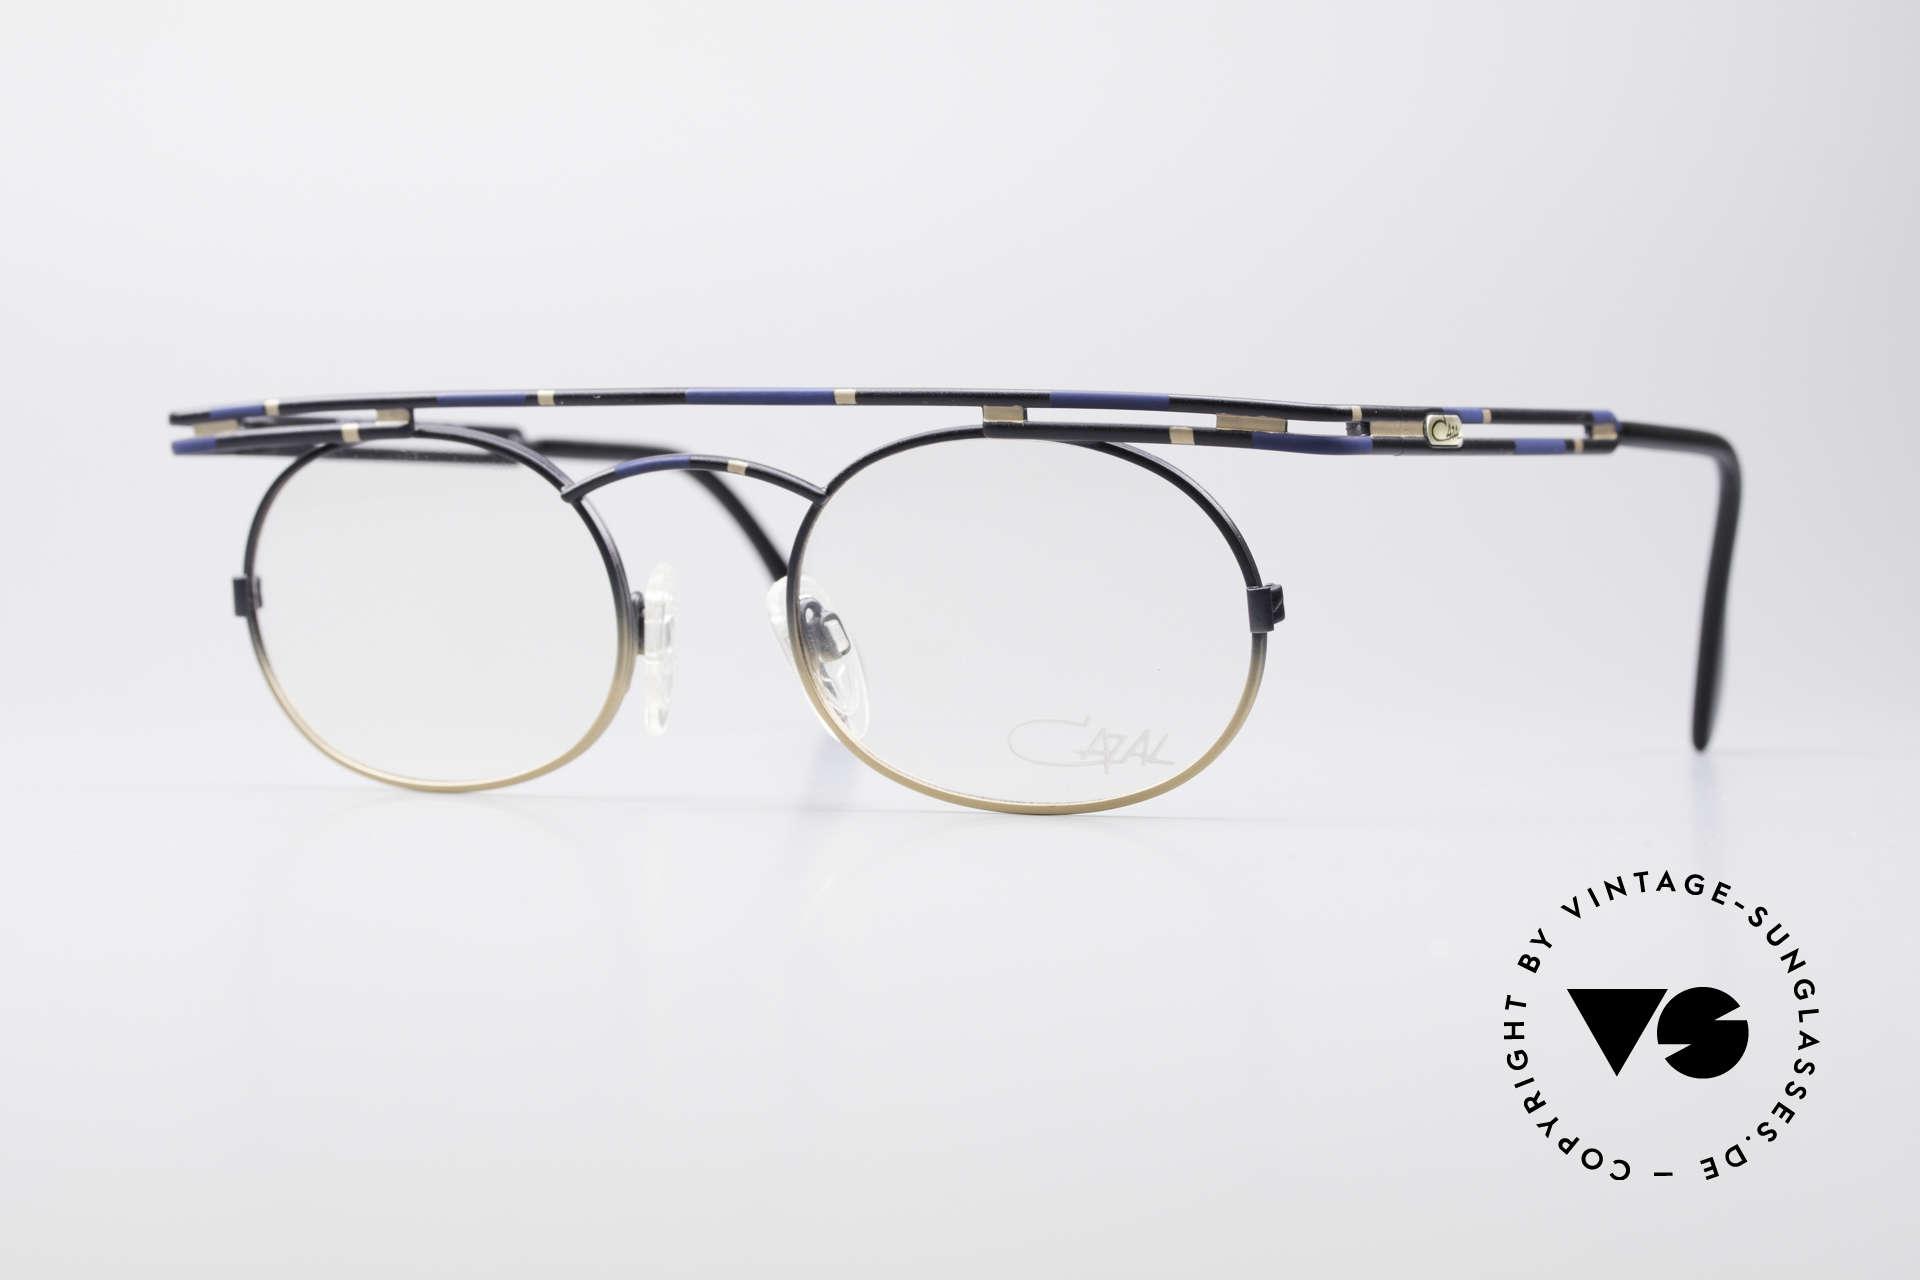 Cazal 761 Echte Vintage Brille KEIN Retro, ausdrucksstarke CAZAL vintage Brille von 1997, Passend für Herren und Damen